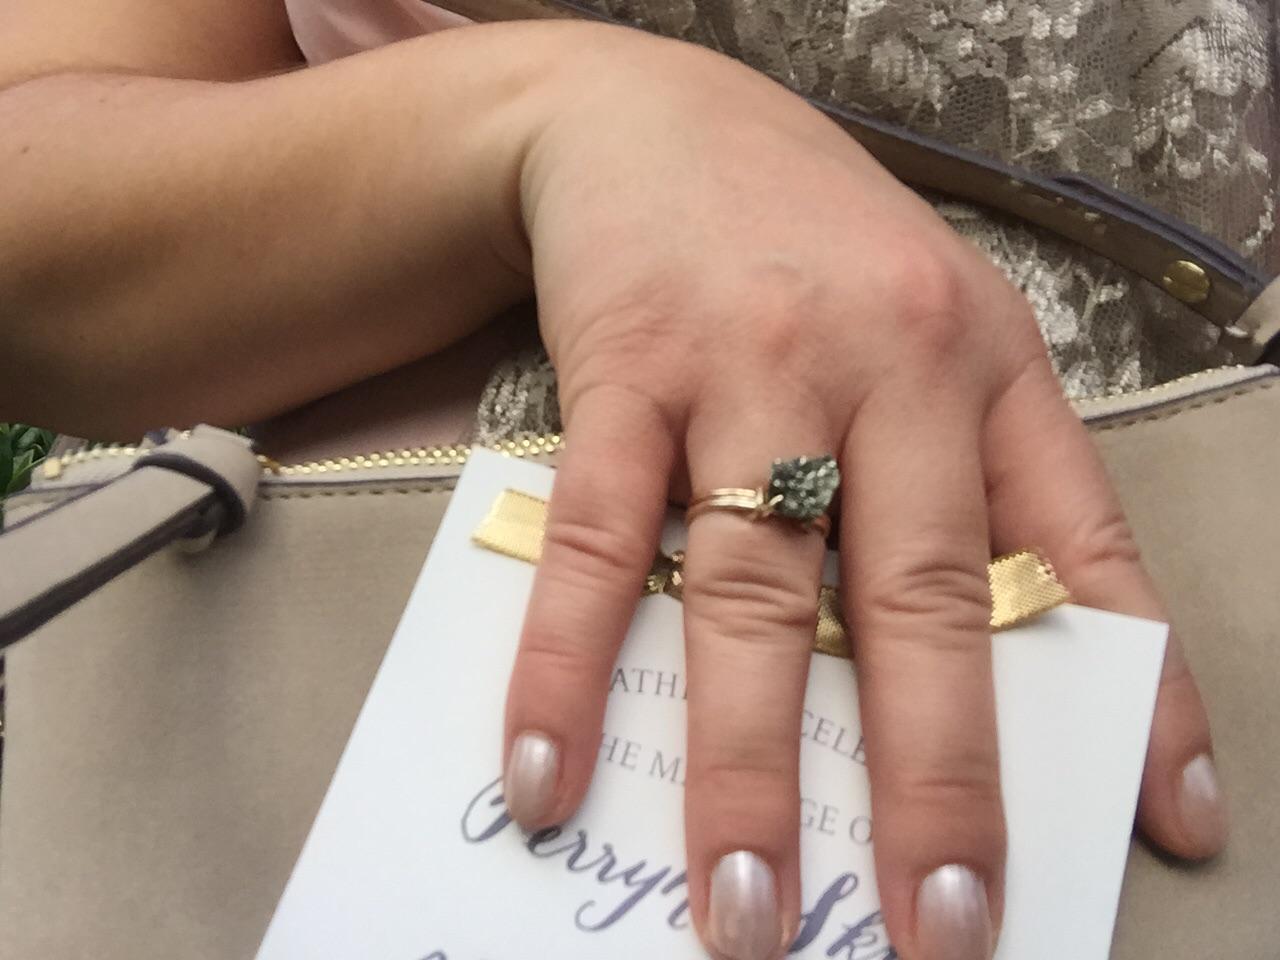 ...and the Raw Hemitite Ring.